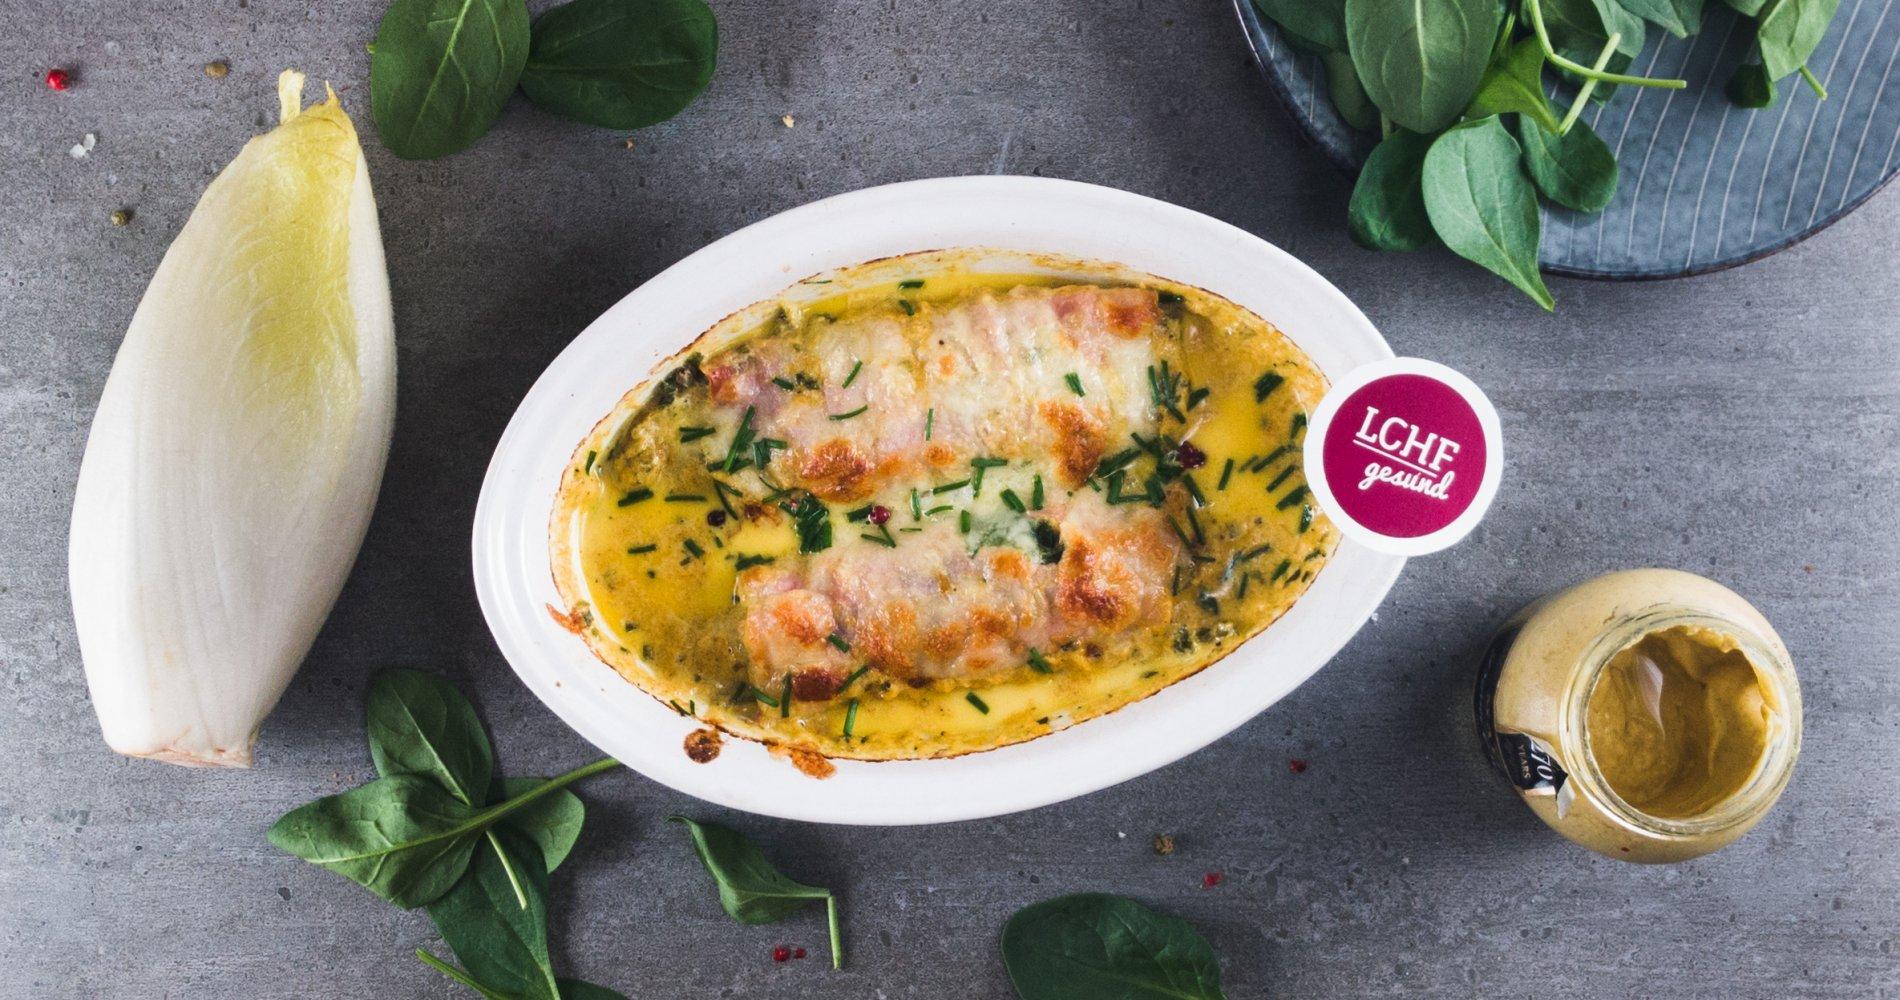 Rezept Low Carb: Chicorée in sahniger Käsesoße - LCHF-gesund.de